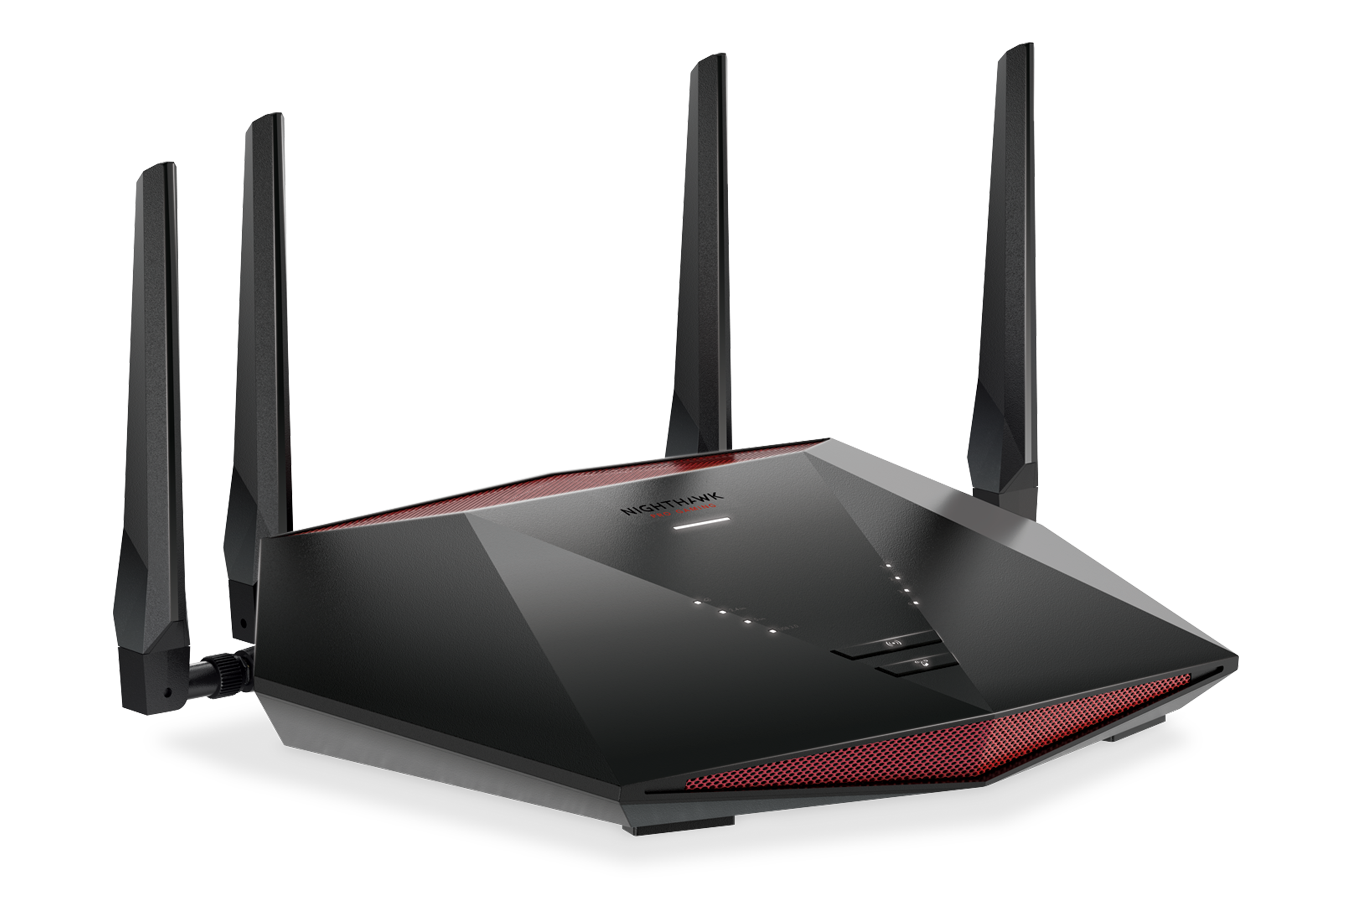 Netgear Nighthawk Pro Gaming XR1000: herní router s pokročilou správou a Wi-Fi 6